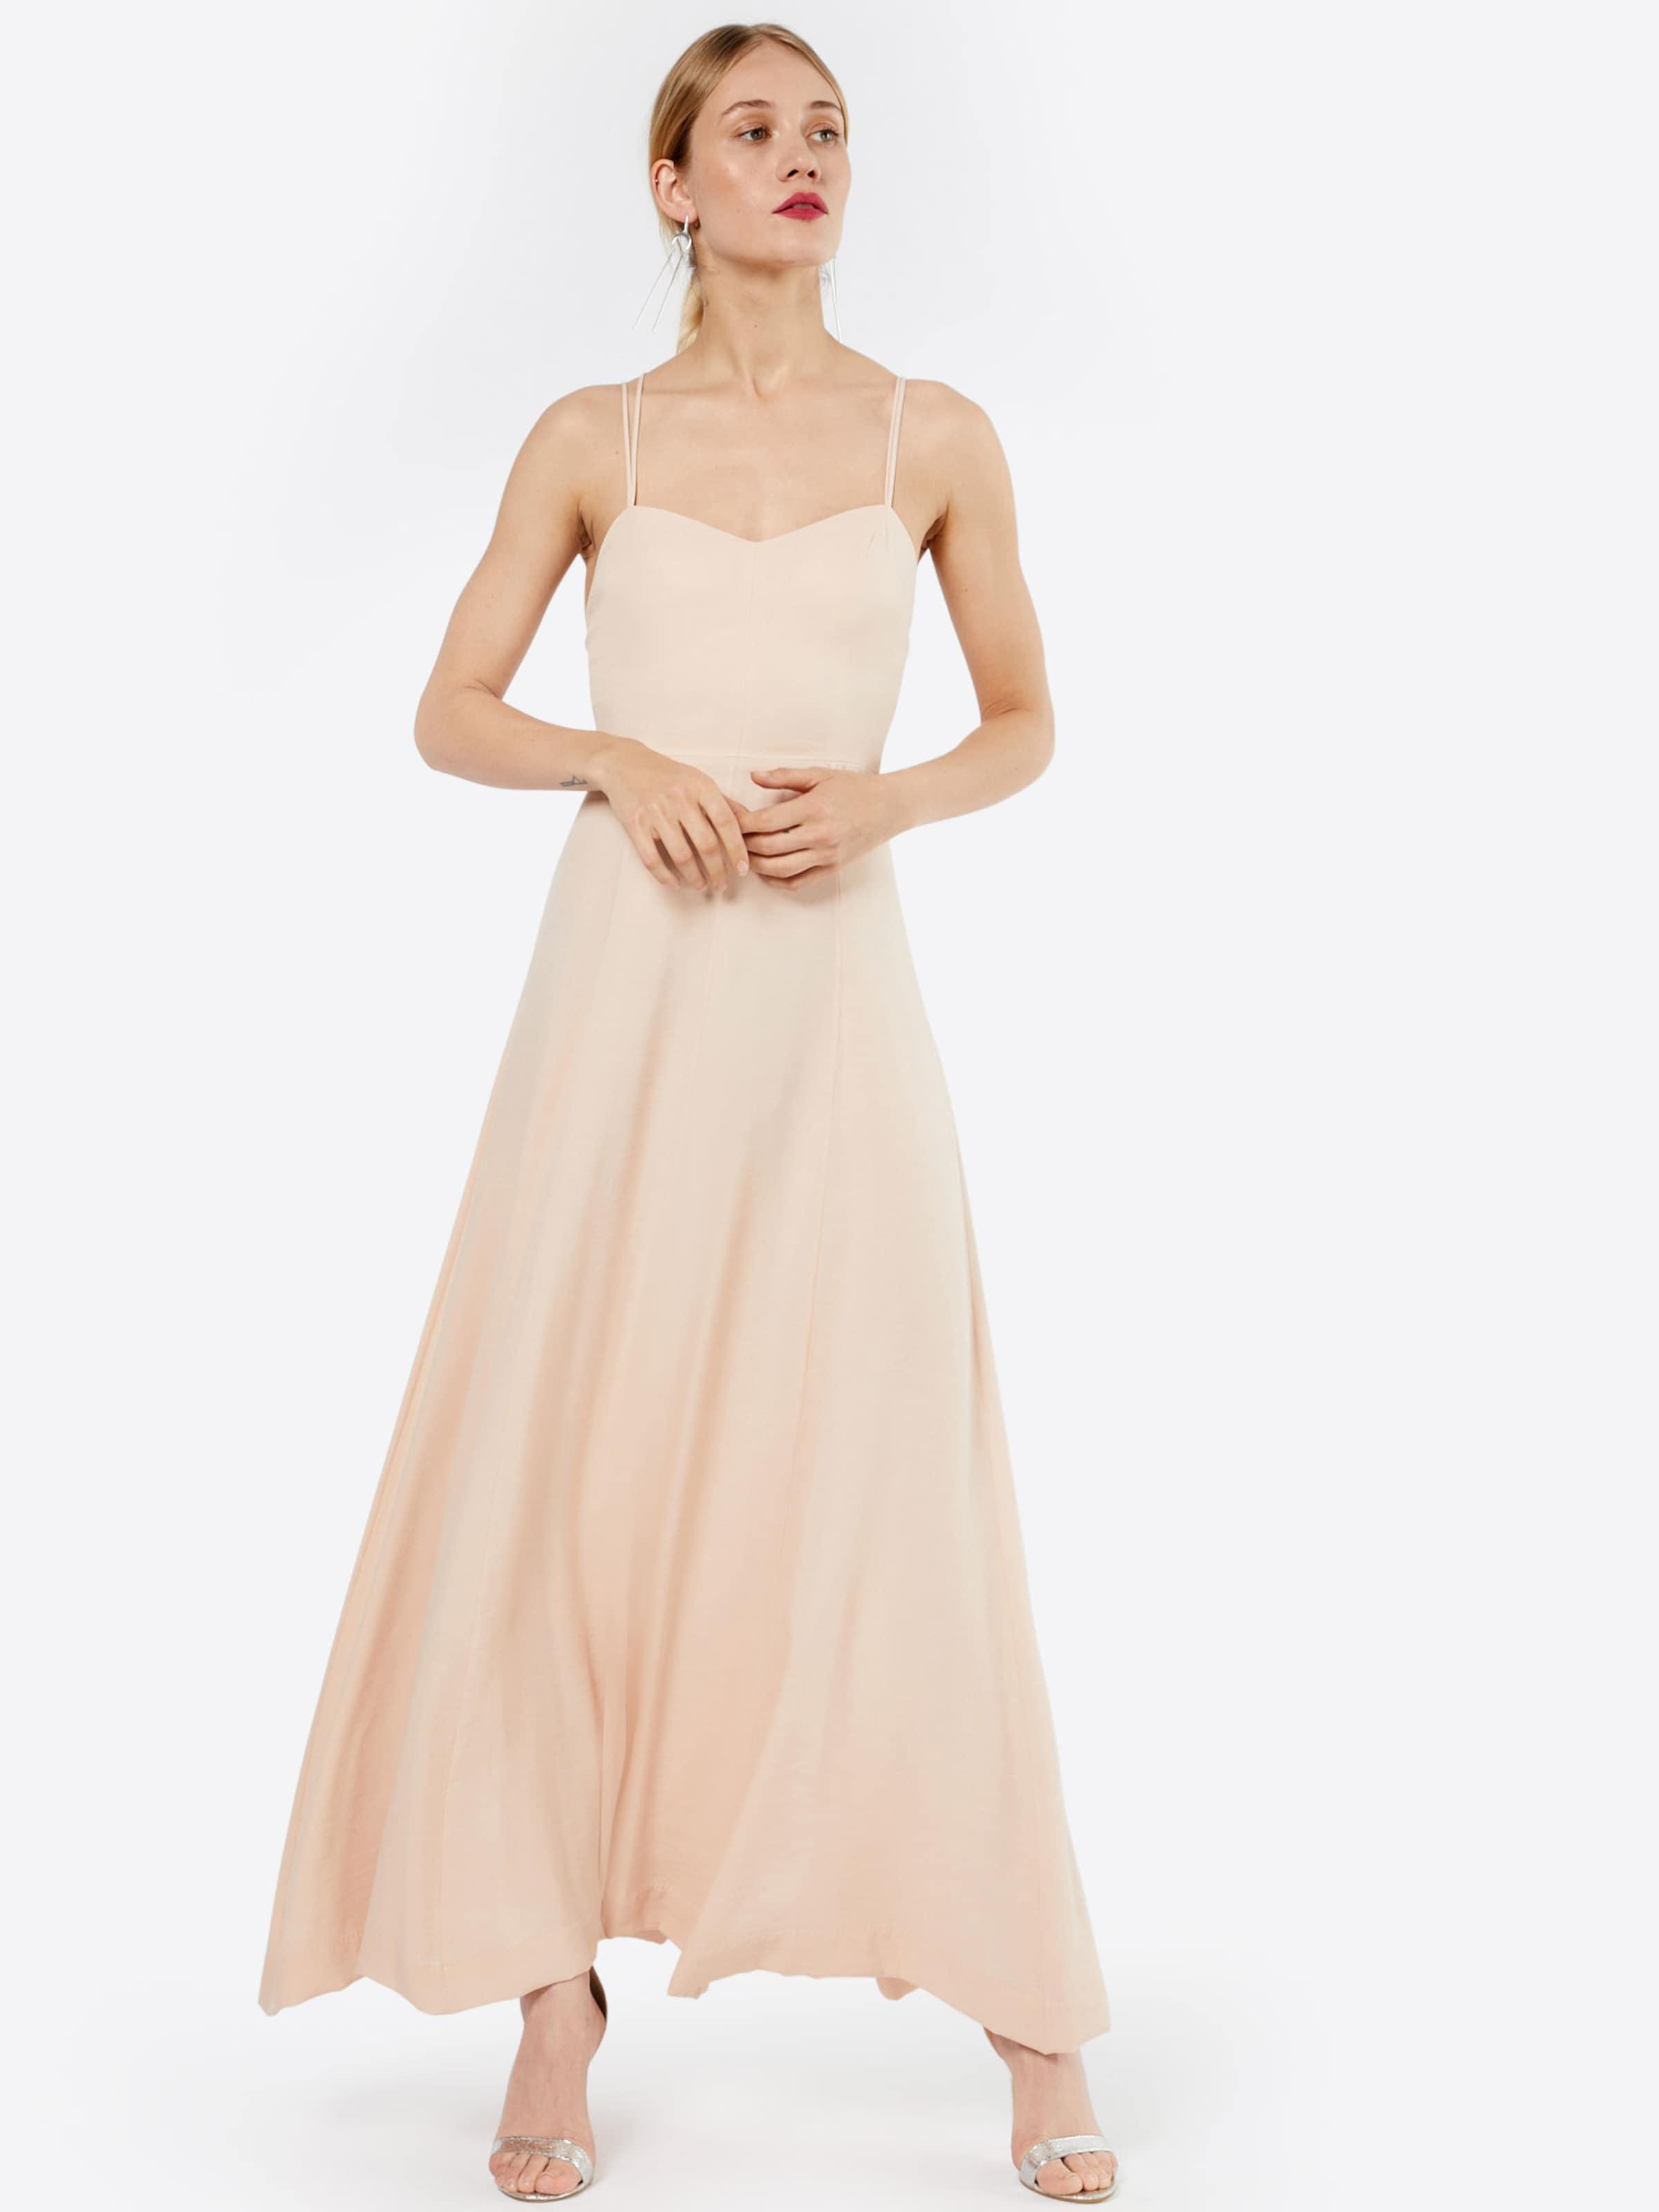 Billig Verkauf Große Diskont IVY & OAK Abendkleid 'EVENING STRAP' Mode-Stil Online Aus Deutschland Verkauf Online Offizielle Zum Verkauf  Wo Zu Kaufen 3UrwgbmaE